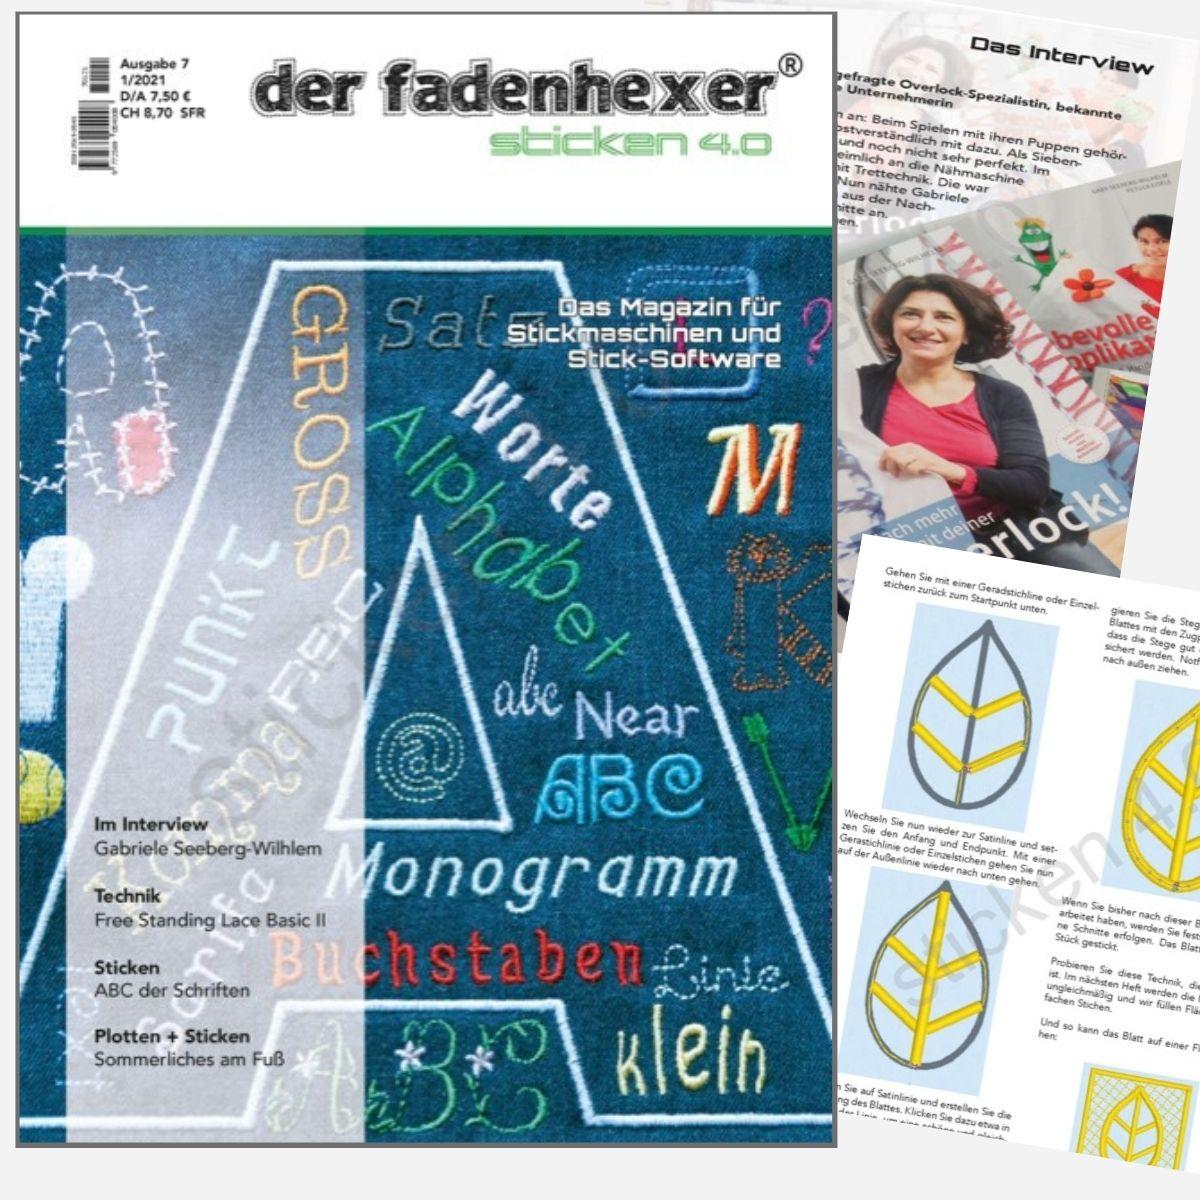 Sticken 4.0 - Das Magazin für Stickmaschinen und Software  - Ausgabe  Feb. 2021